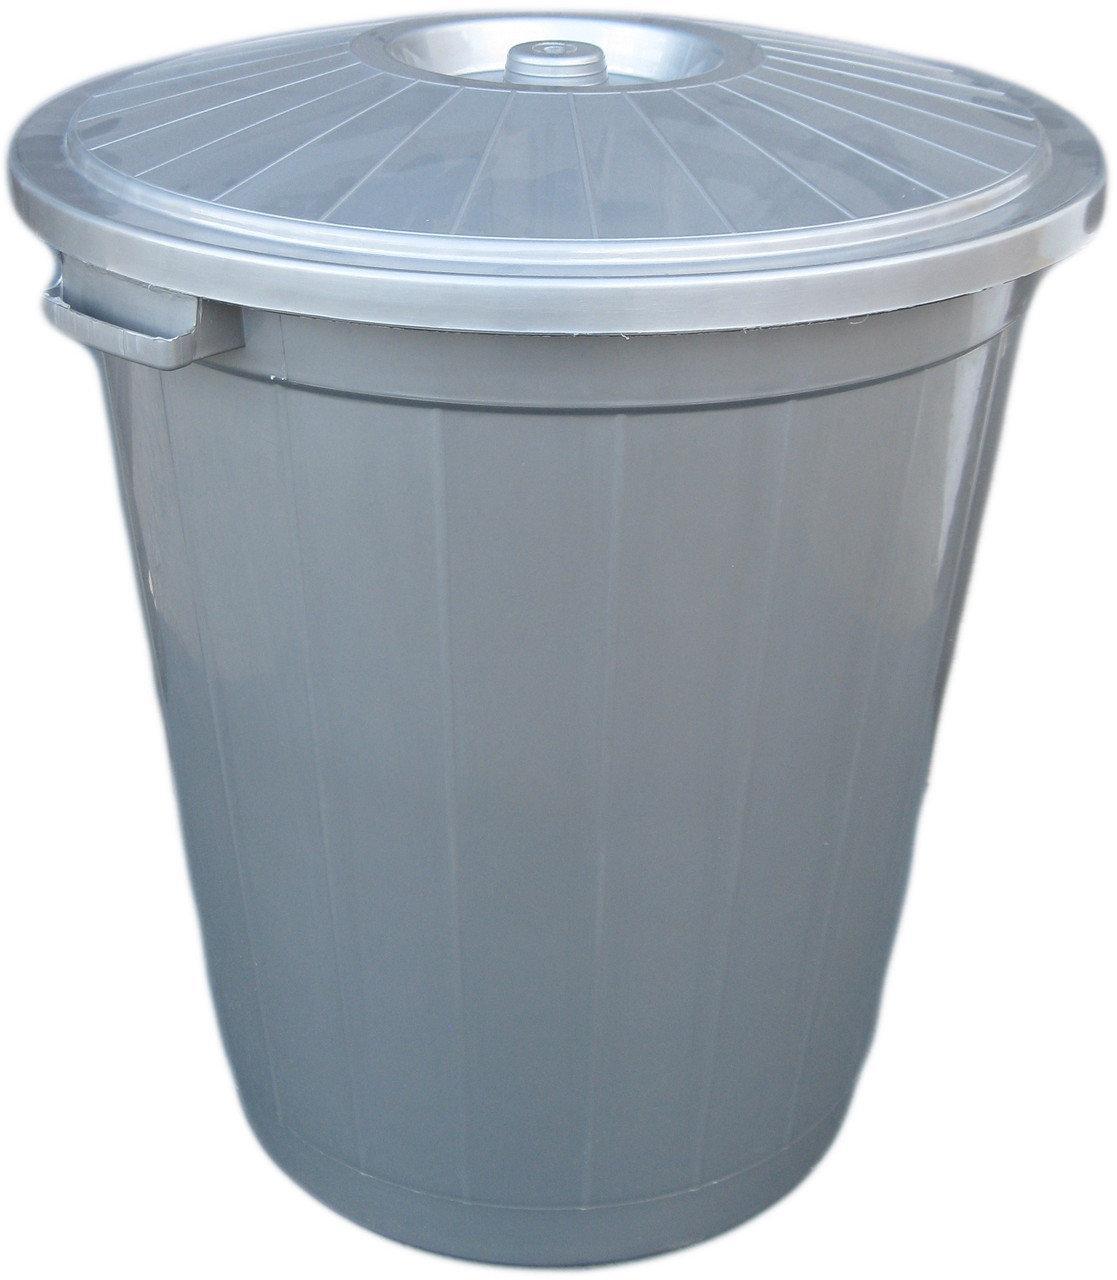 Бак пластиковый на 30 литров пищевой Горизонт